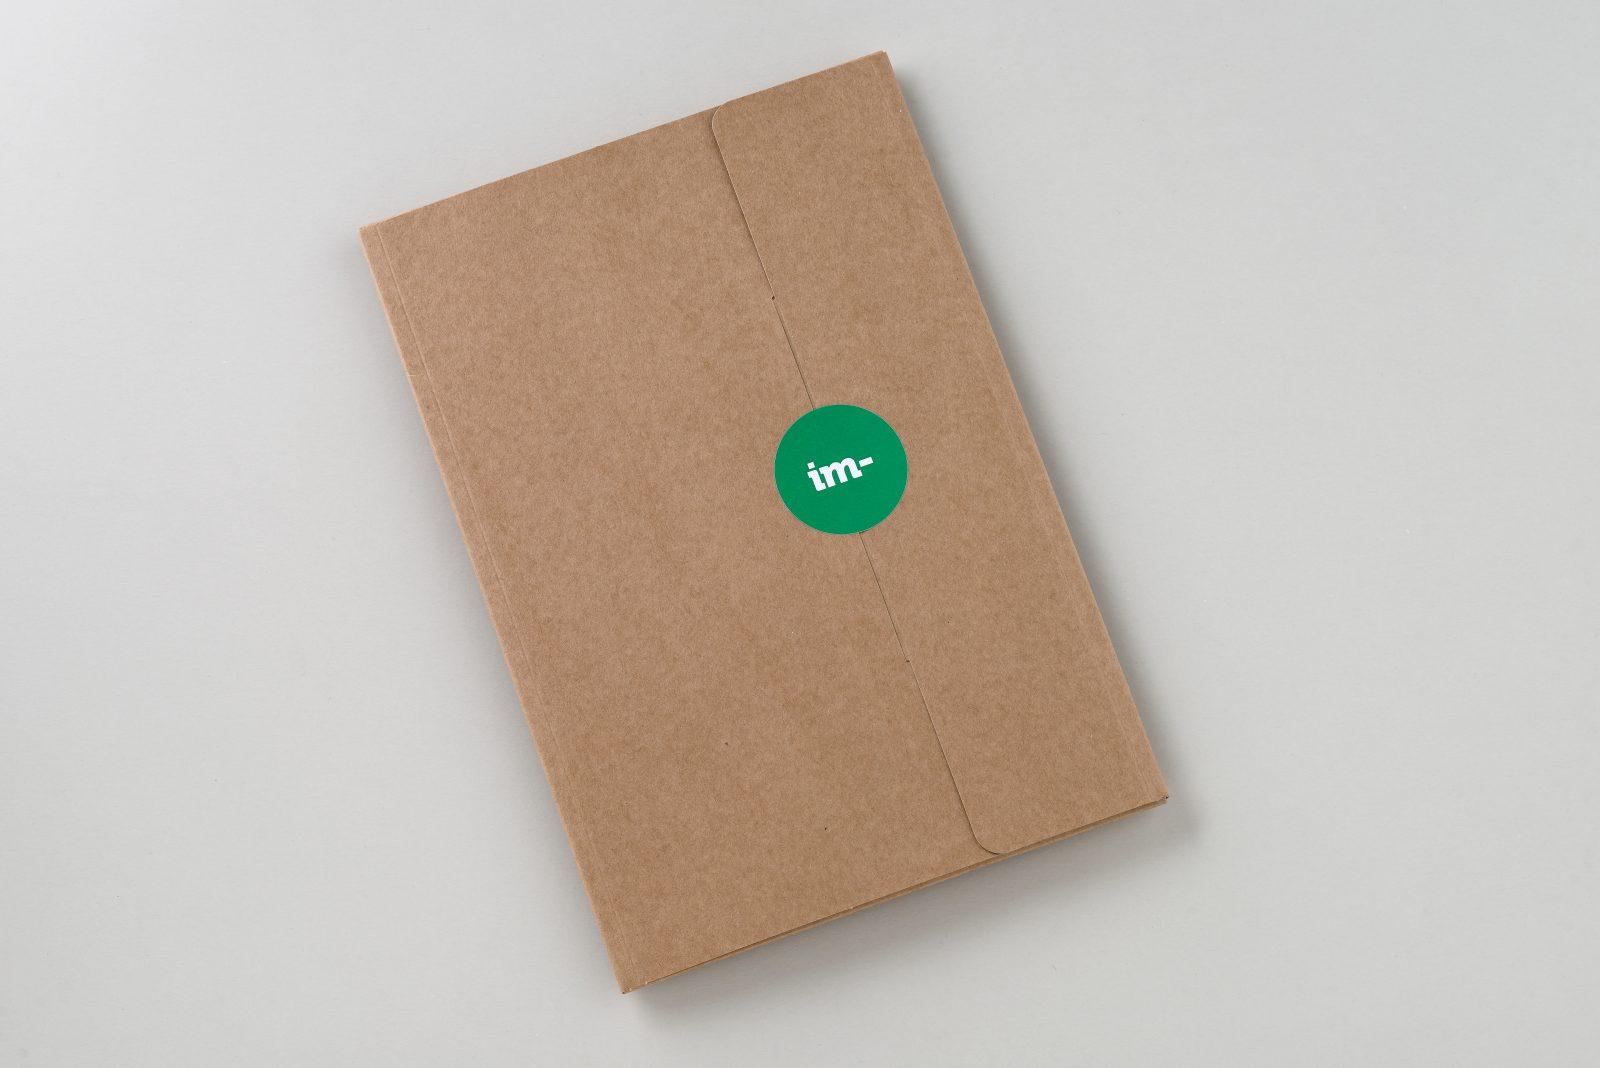 19c3dbc10 ... que tenemos disponibles en los productos estándar de la web, pero  recuerda que hay miles de referencias de papel y podemos hacer presupuestos  a medida.